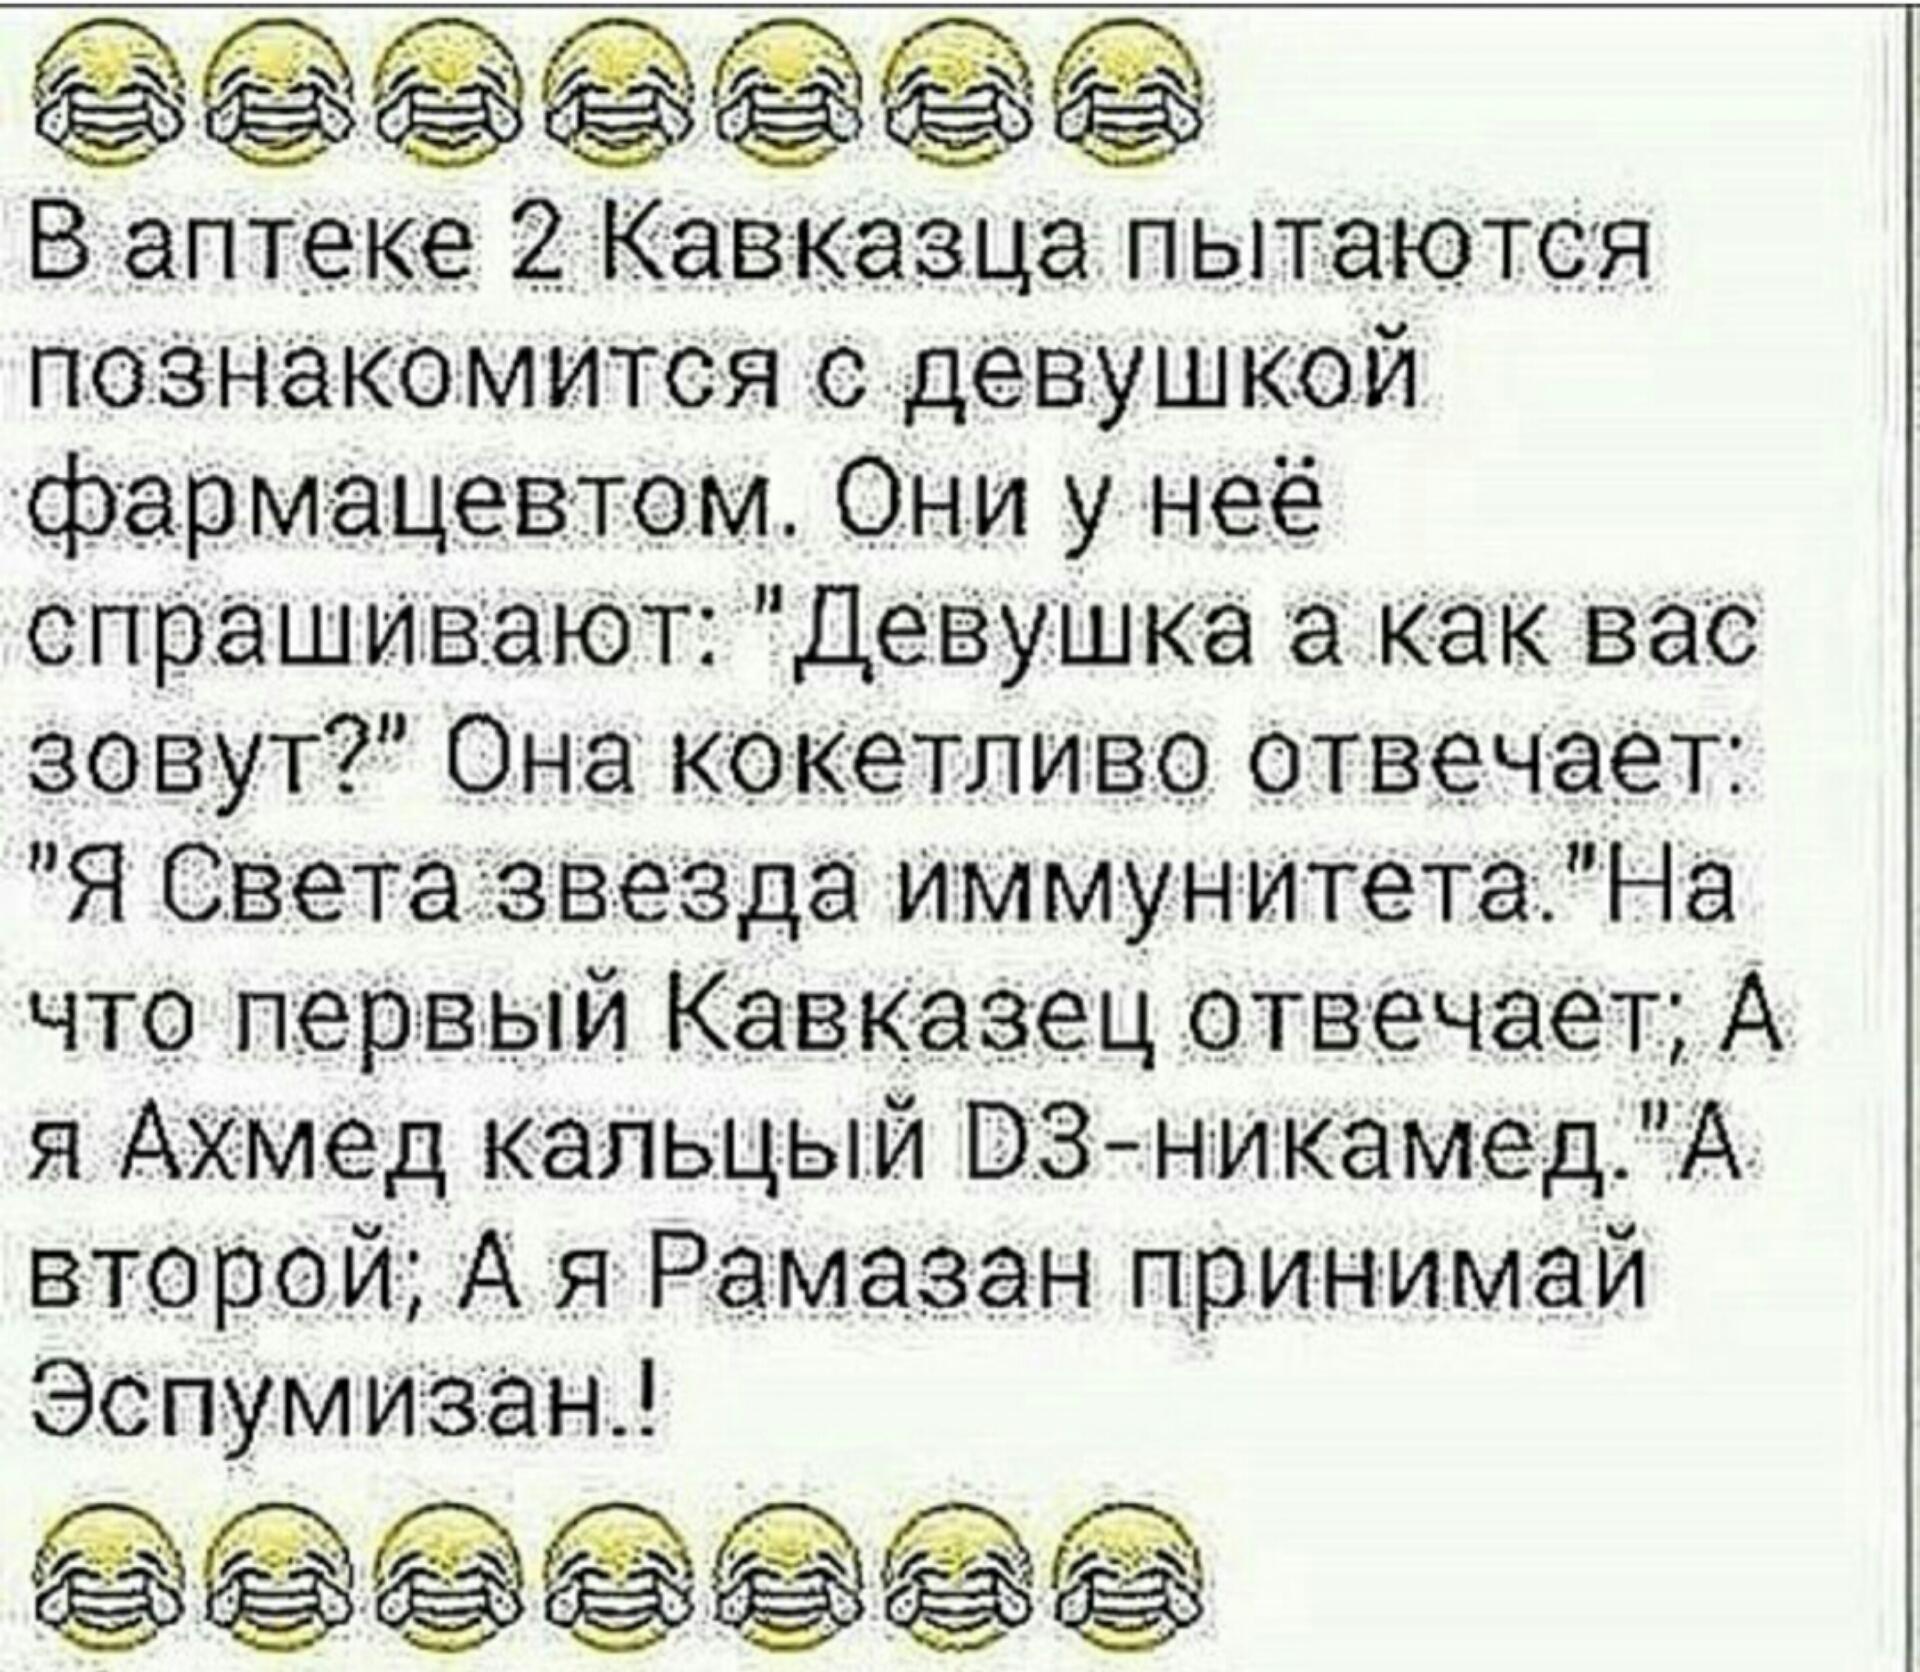 Картинки, смешные анекдоты про кавказцев в картинках